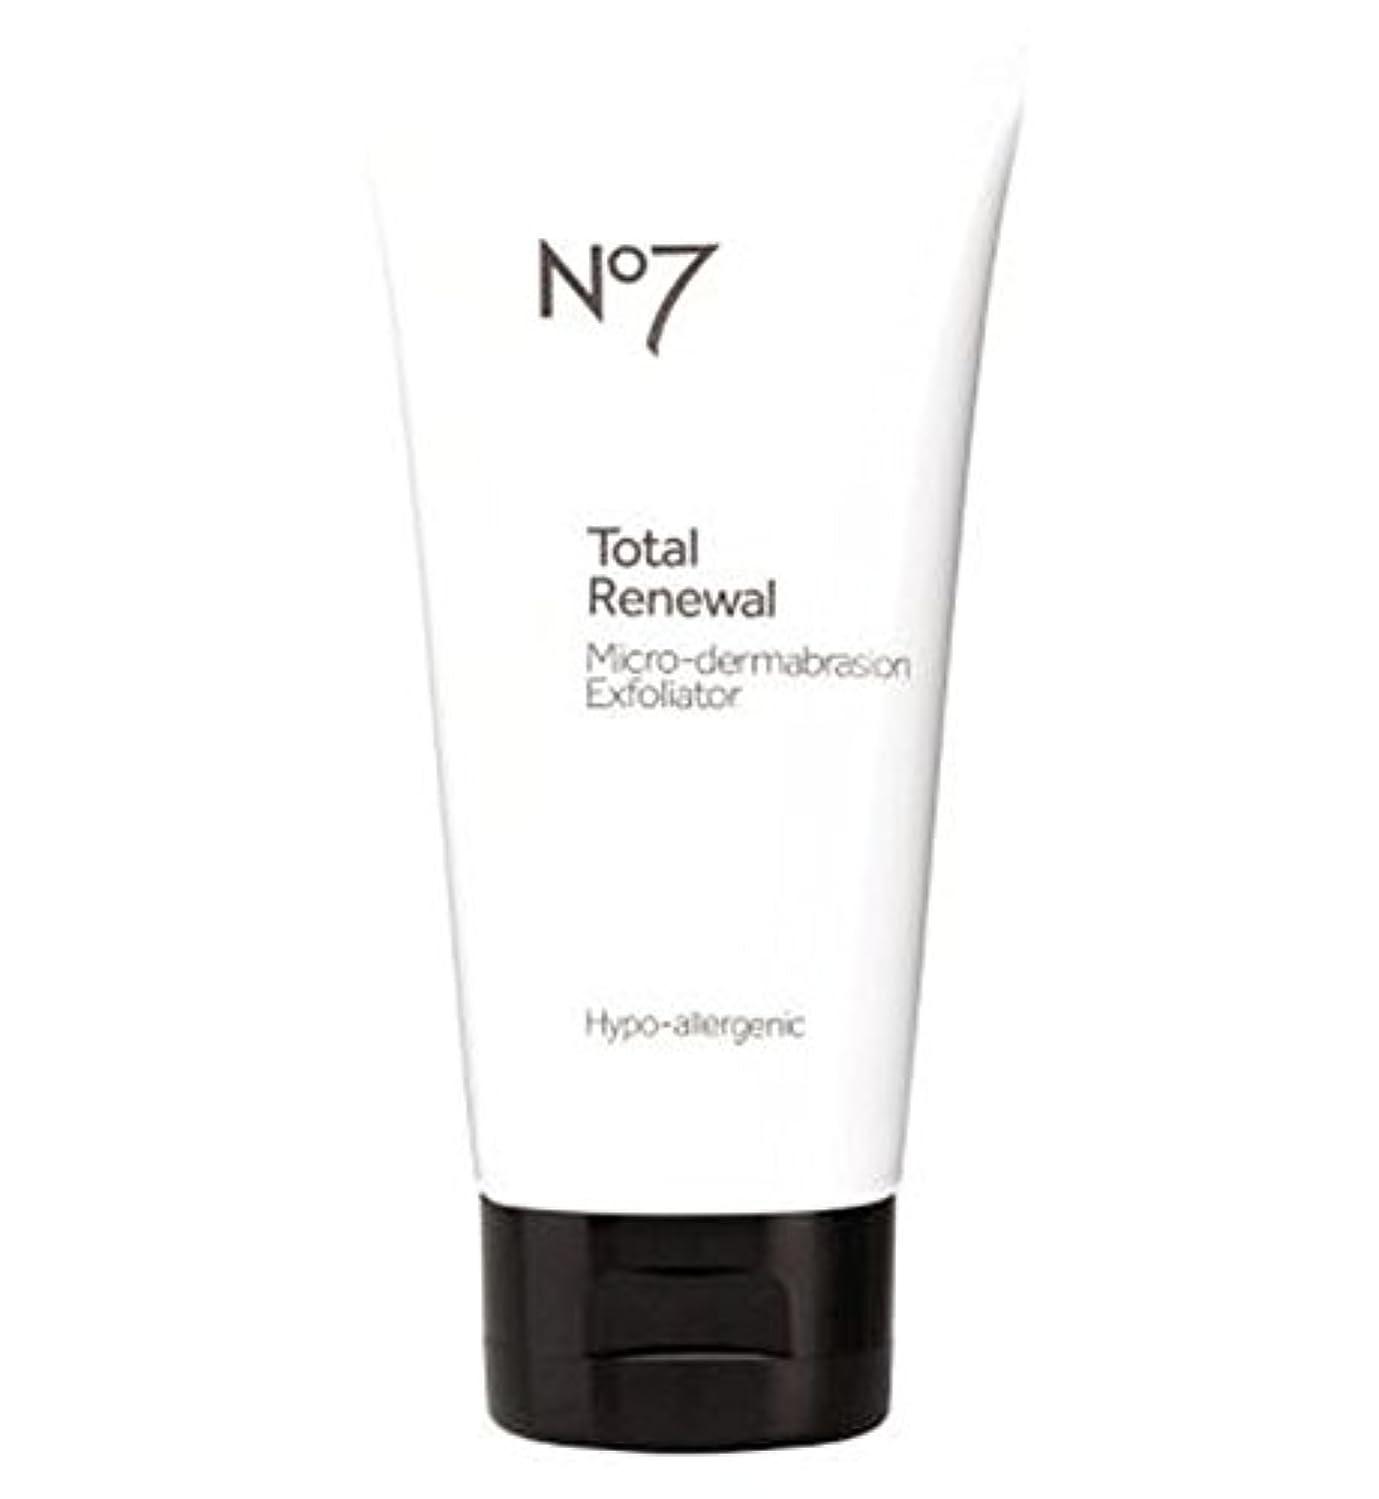 岩なので惨めなNo7 Total Renewal Micro-dermabrasion Face Exfoliator - No7総リニューアルマイクロ皮膚剥離面エクスフォリエーター (No7) [並行輸入品]